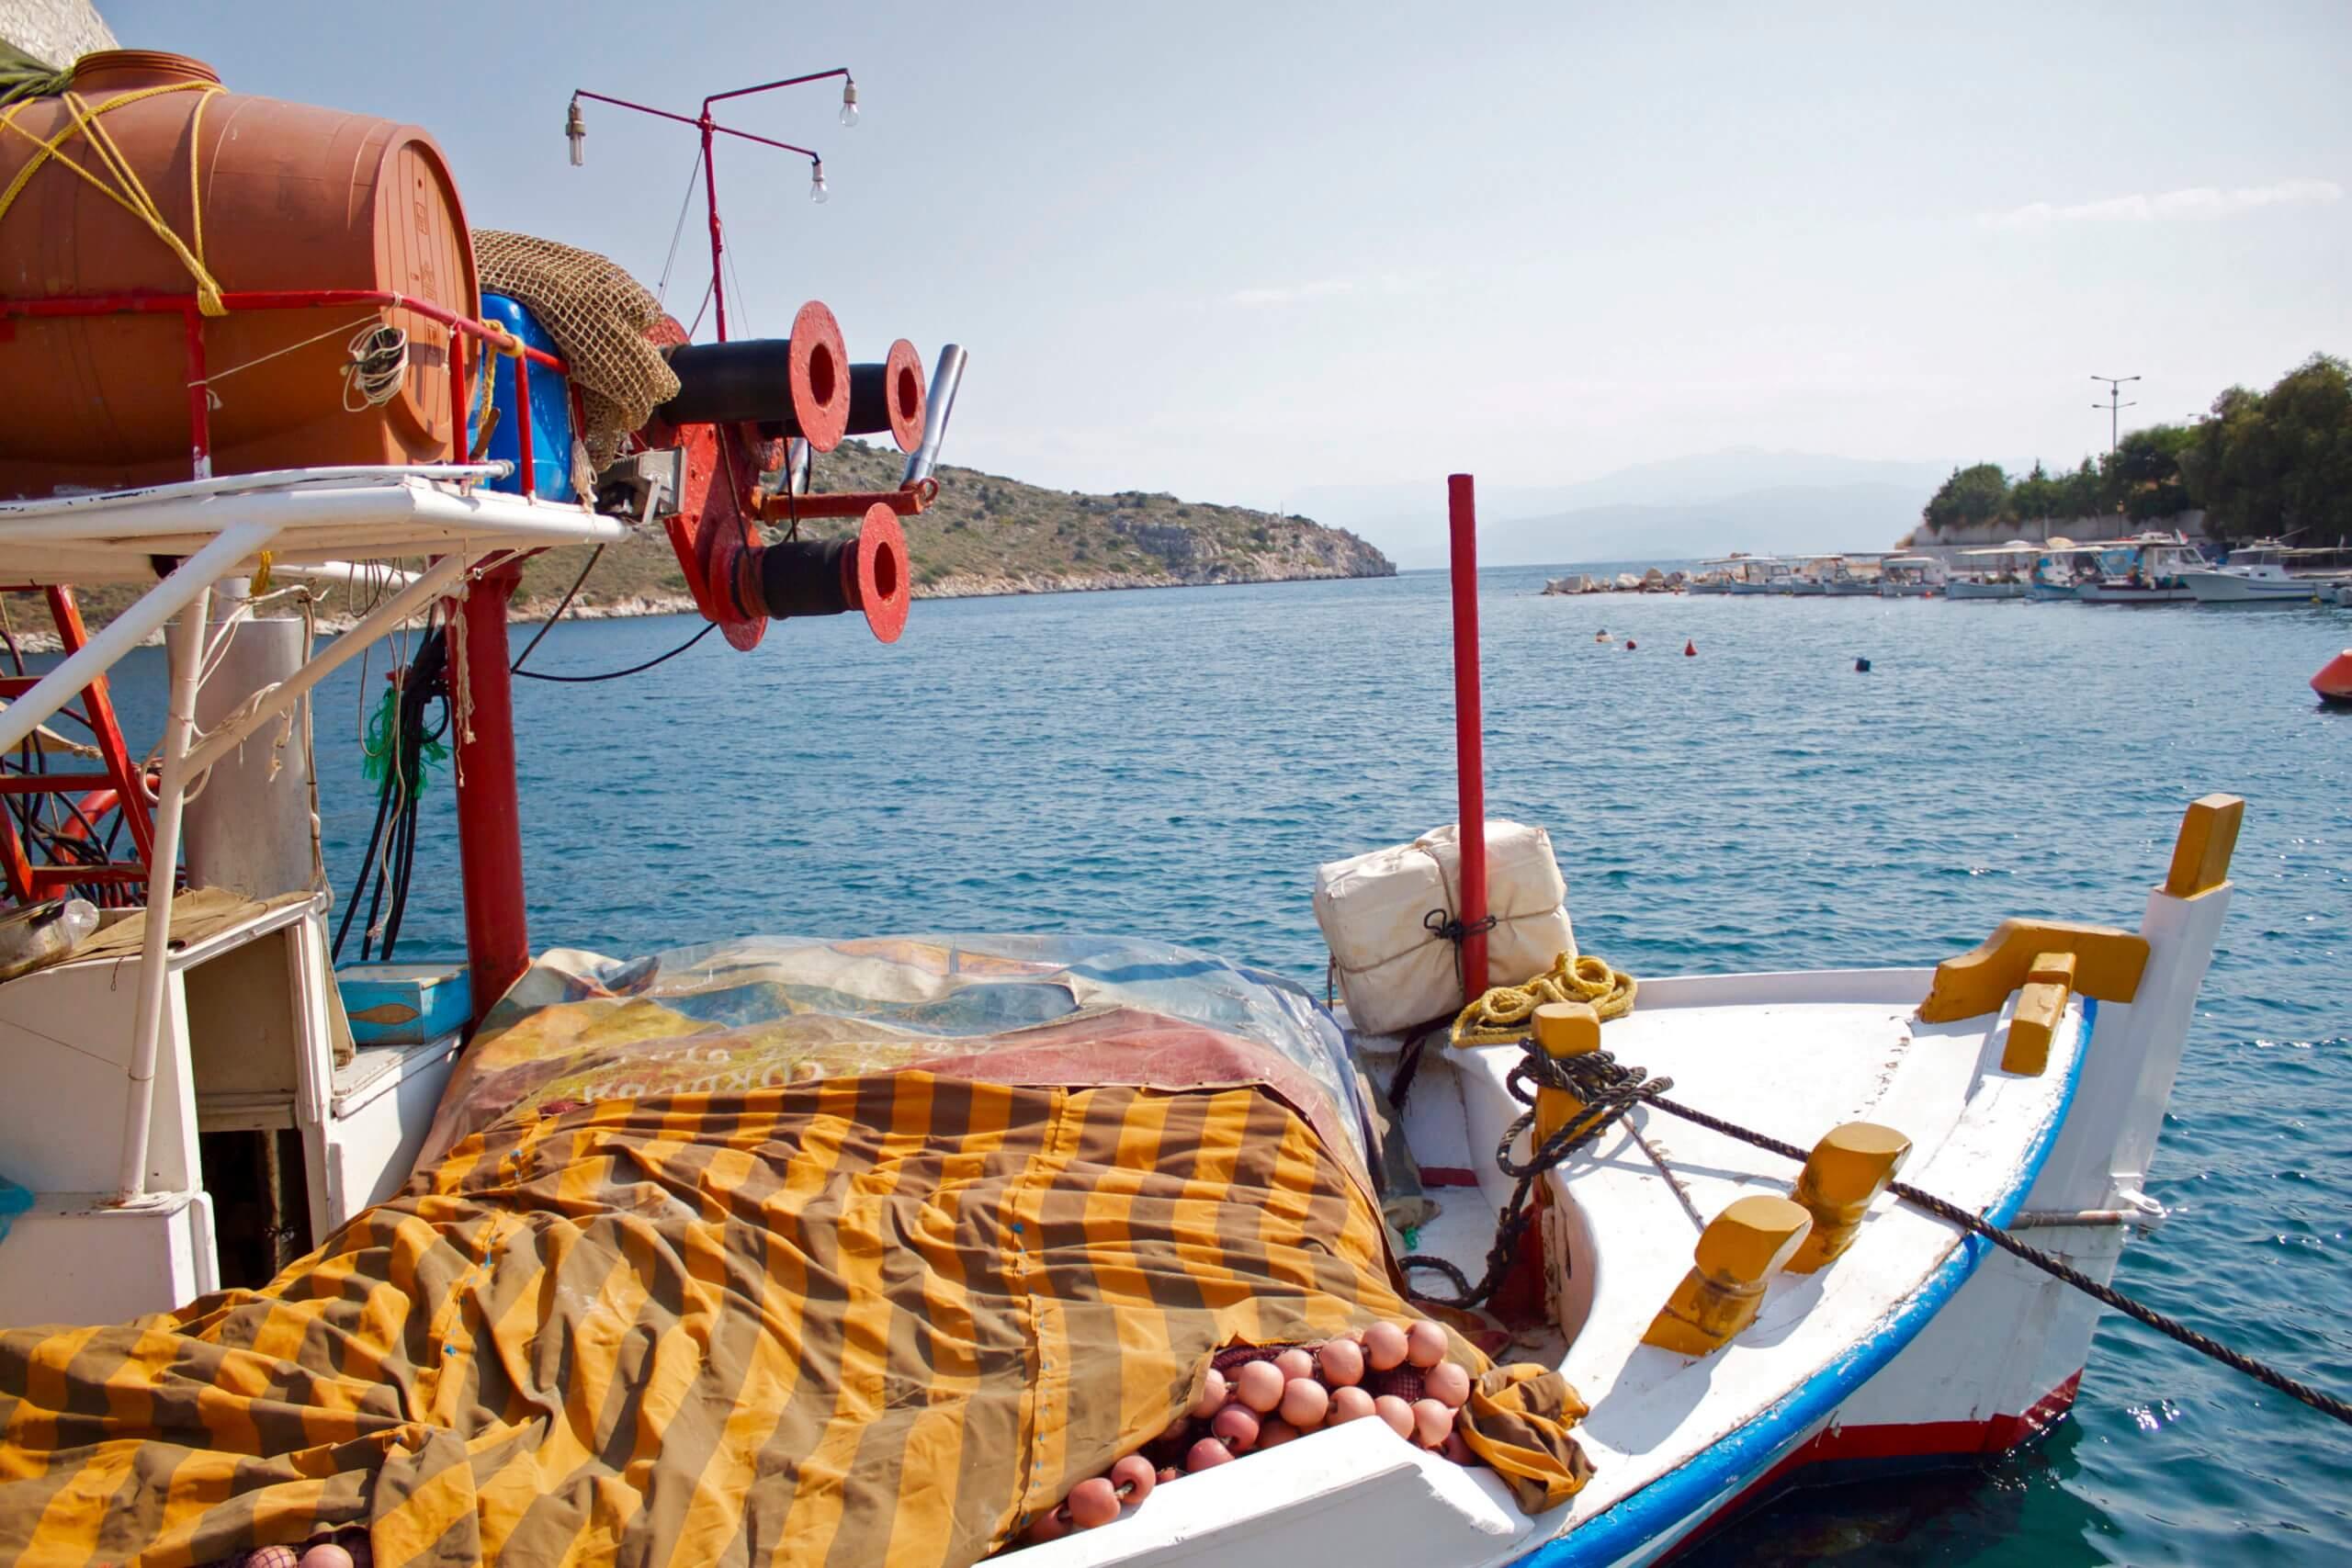 Tolo. Peloponeso. Grecia.